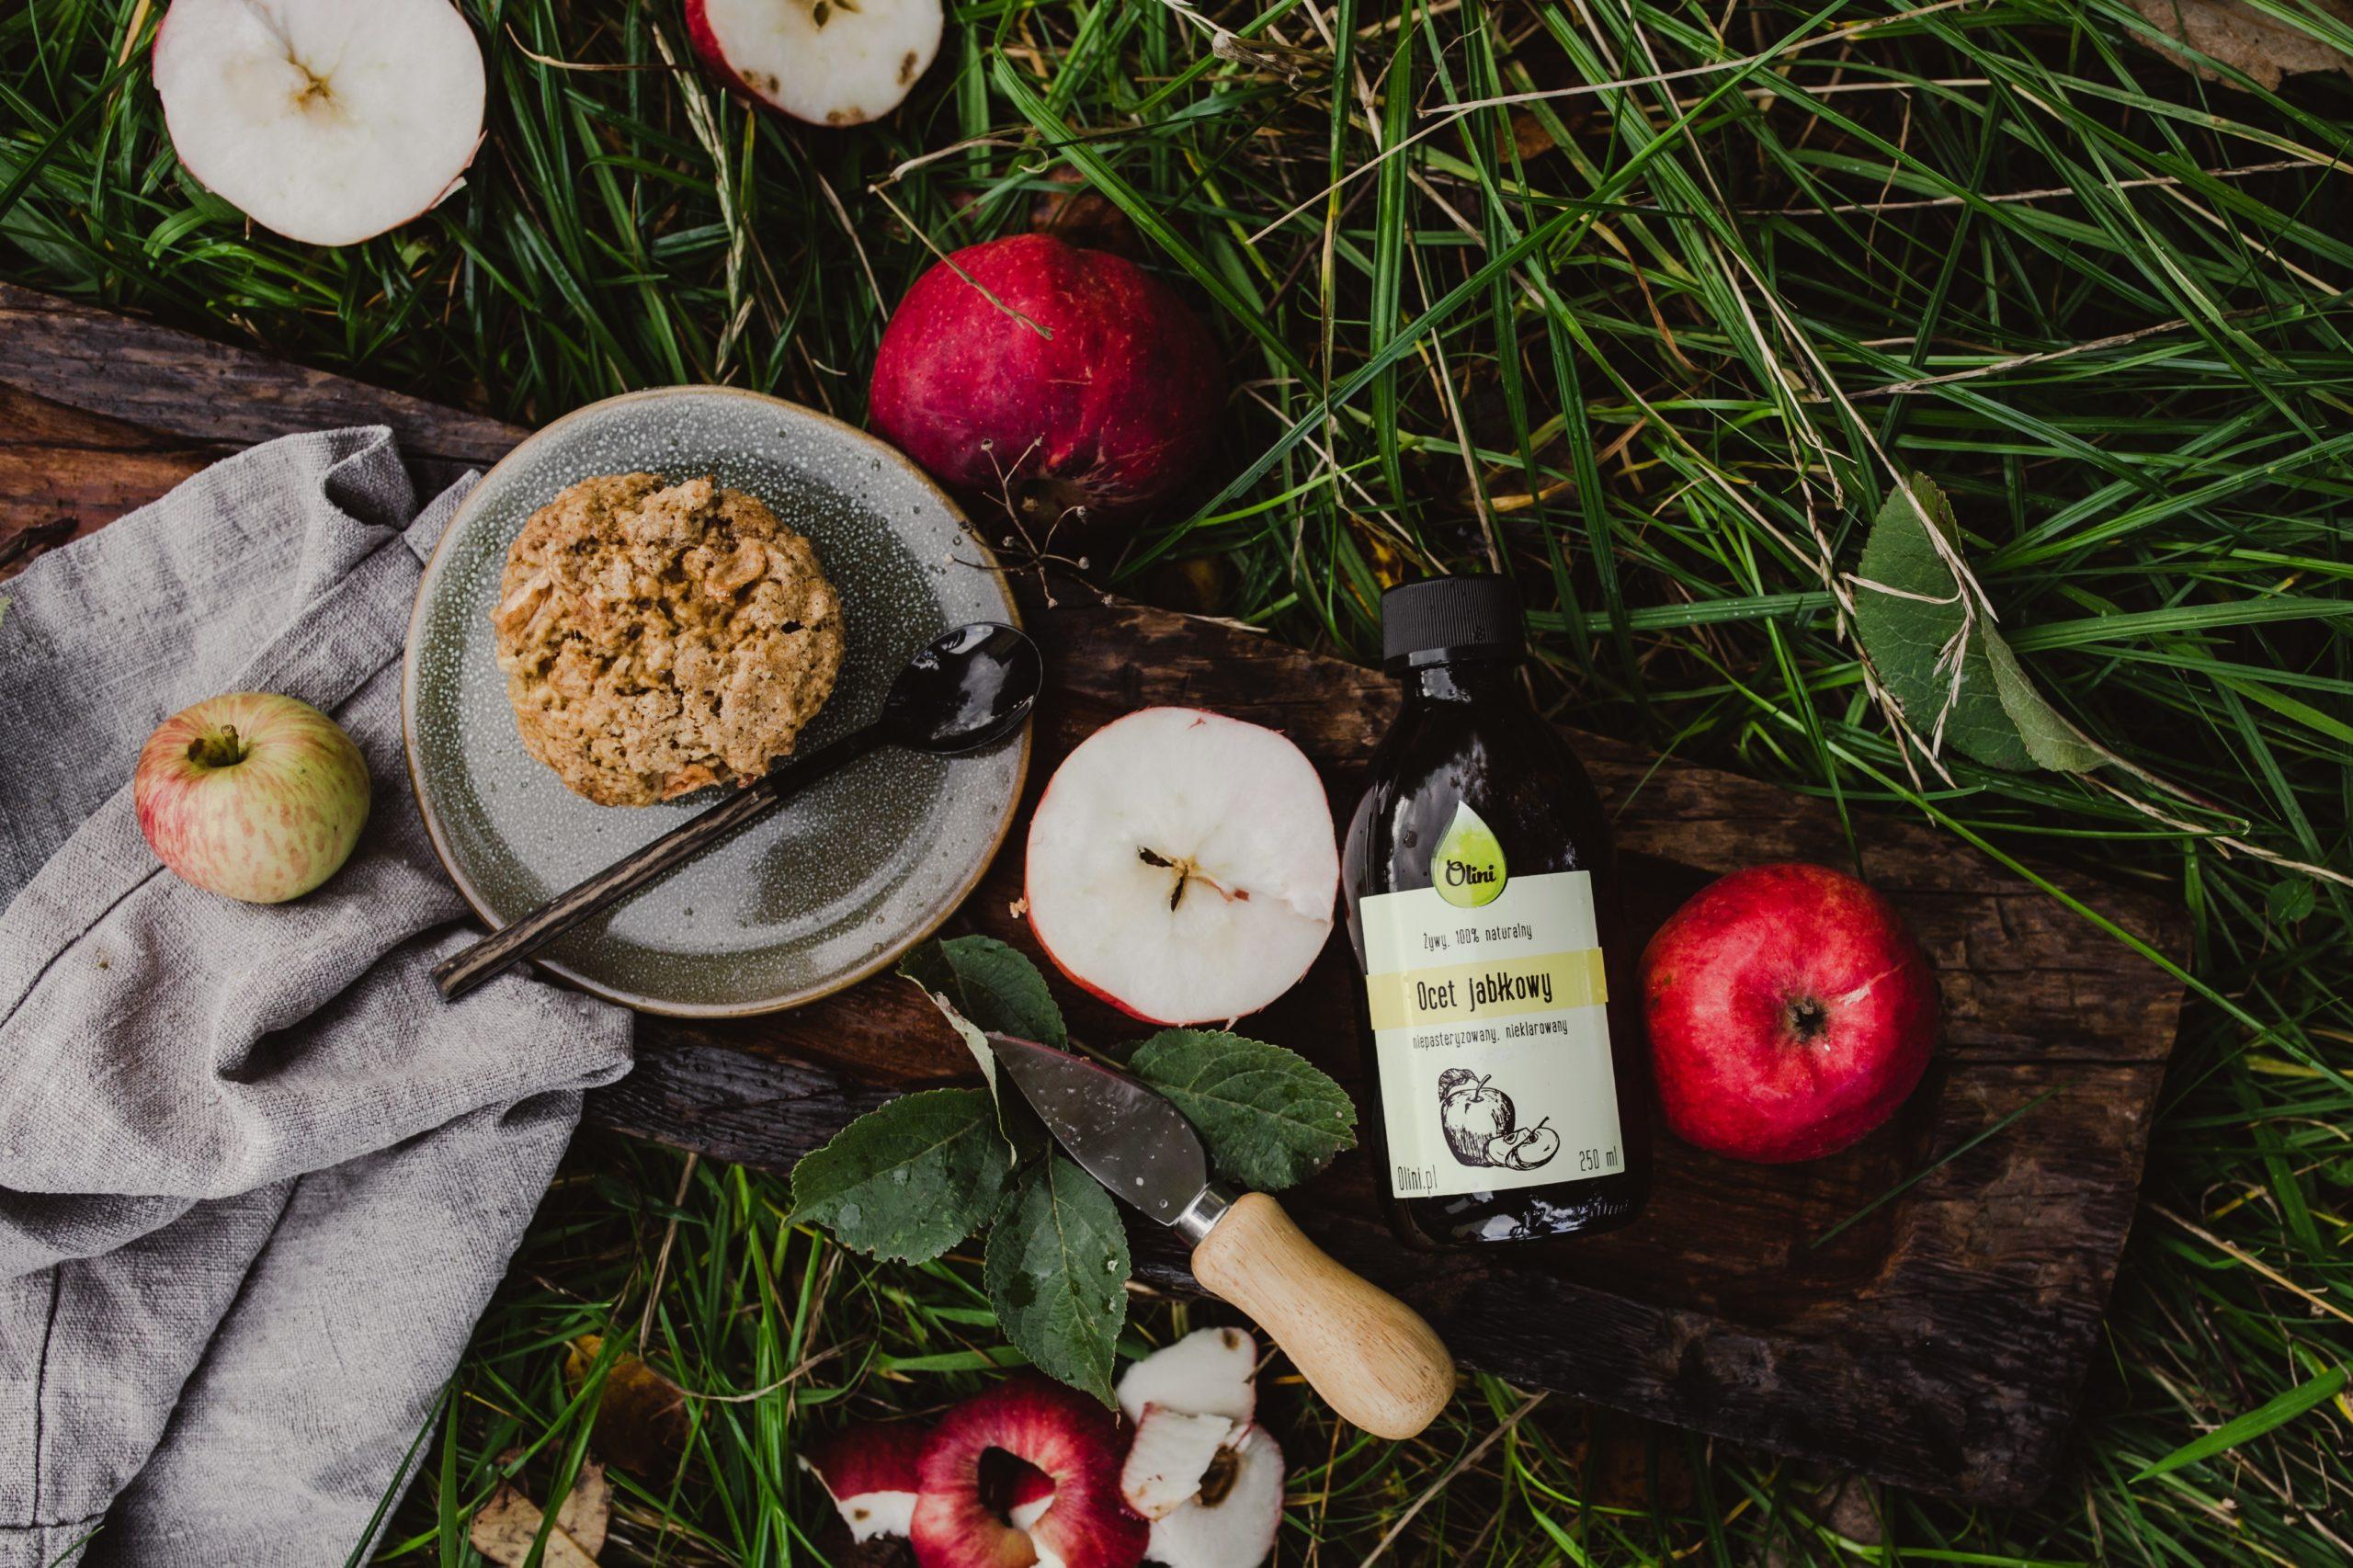 Ocet jabłkowy Olini - pyszny i zdrowy